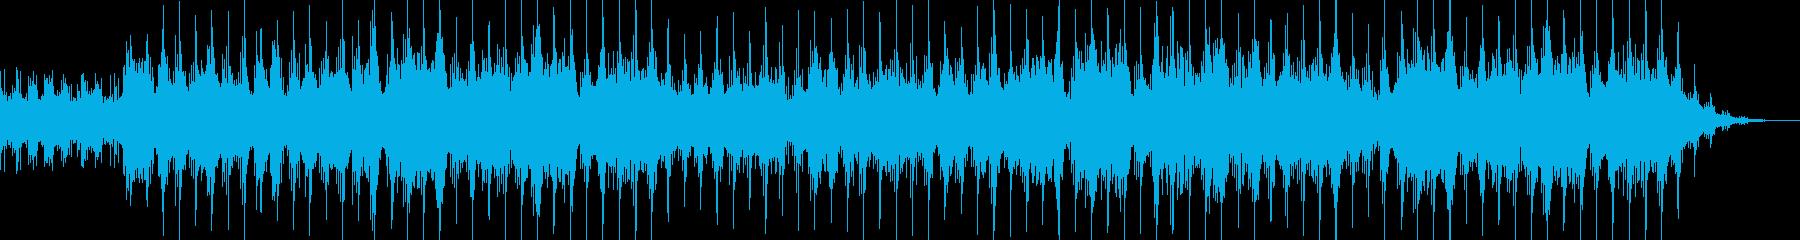 ドラマティックで切ない洋楽風バラードの再生済みの波形